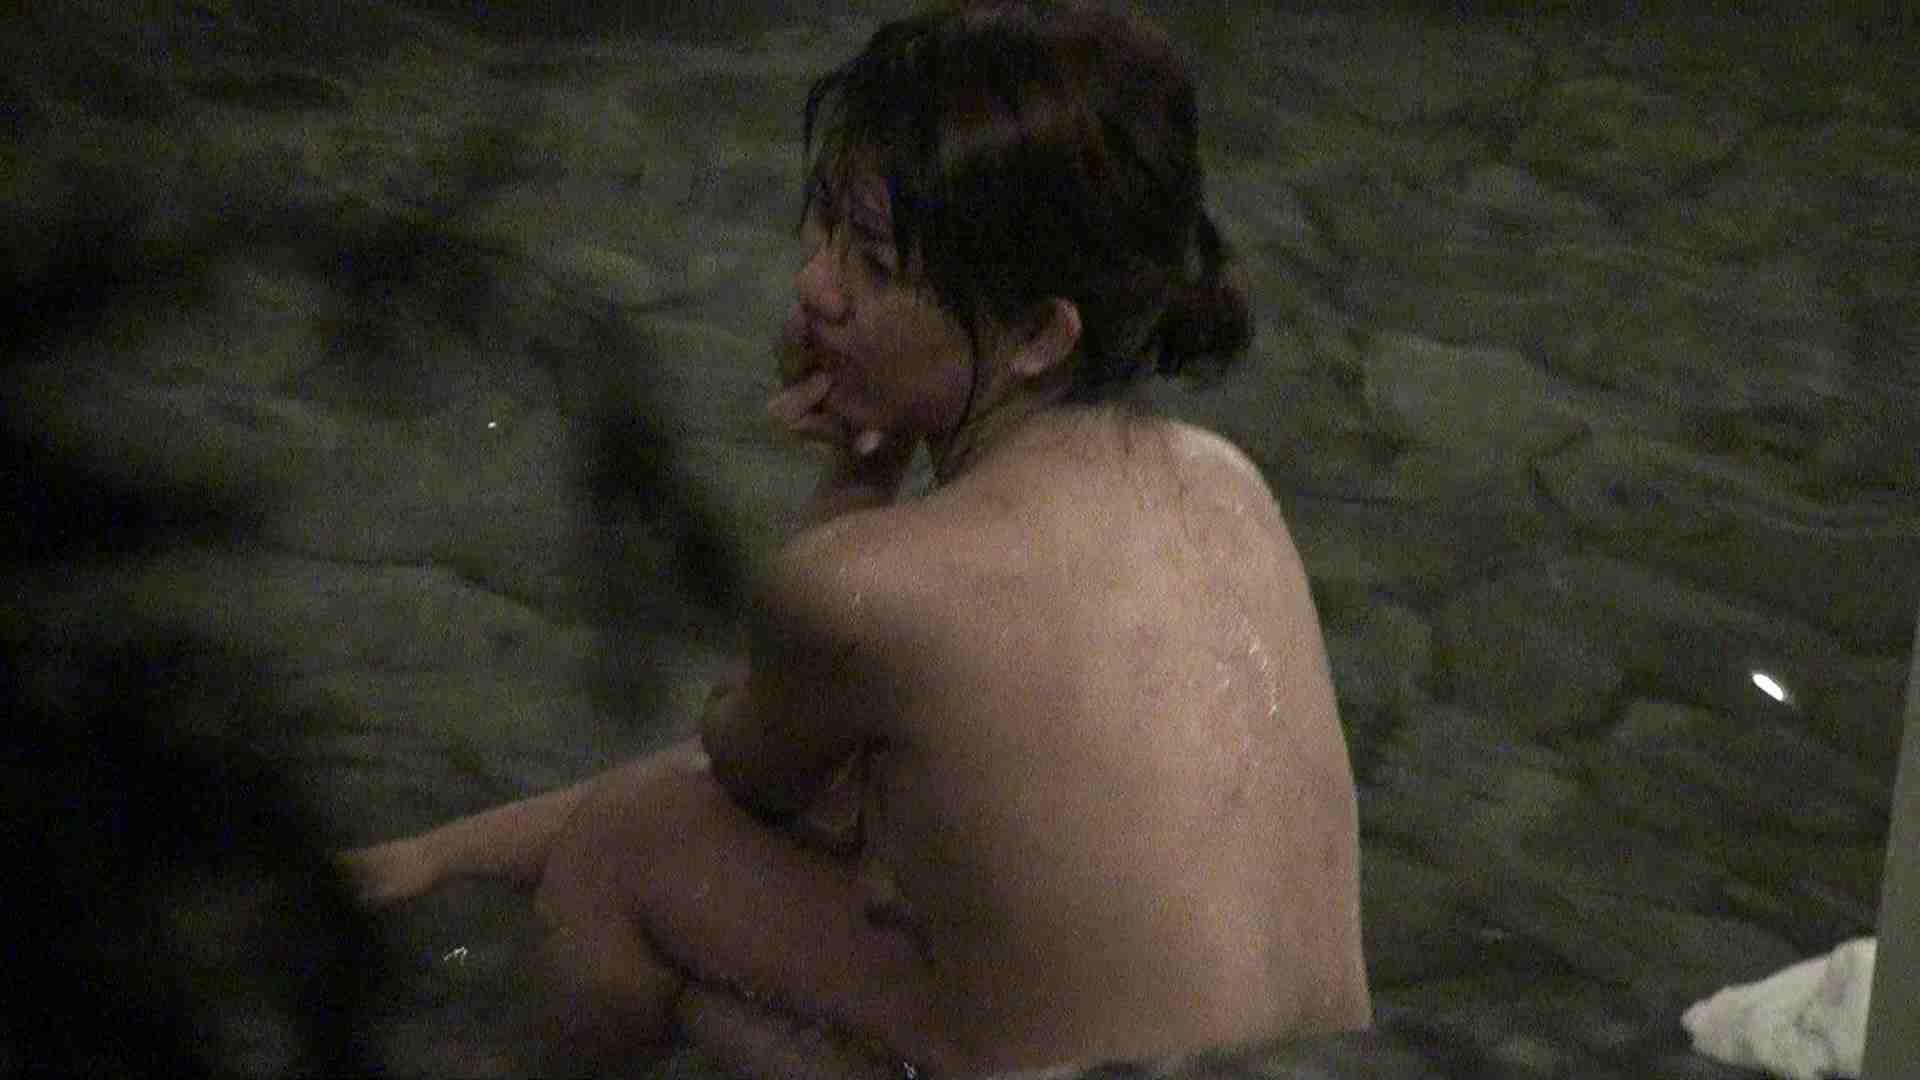 Aquaな露天風呂Vol.417 OLセックス のぞきおめこ無修正画像 58画像 50